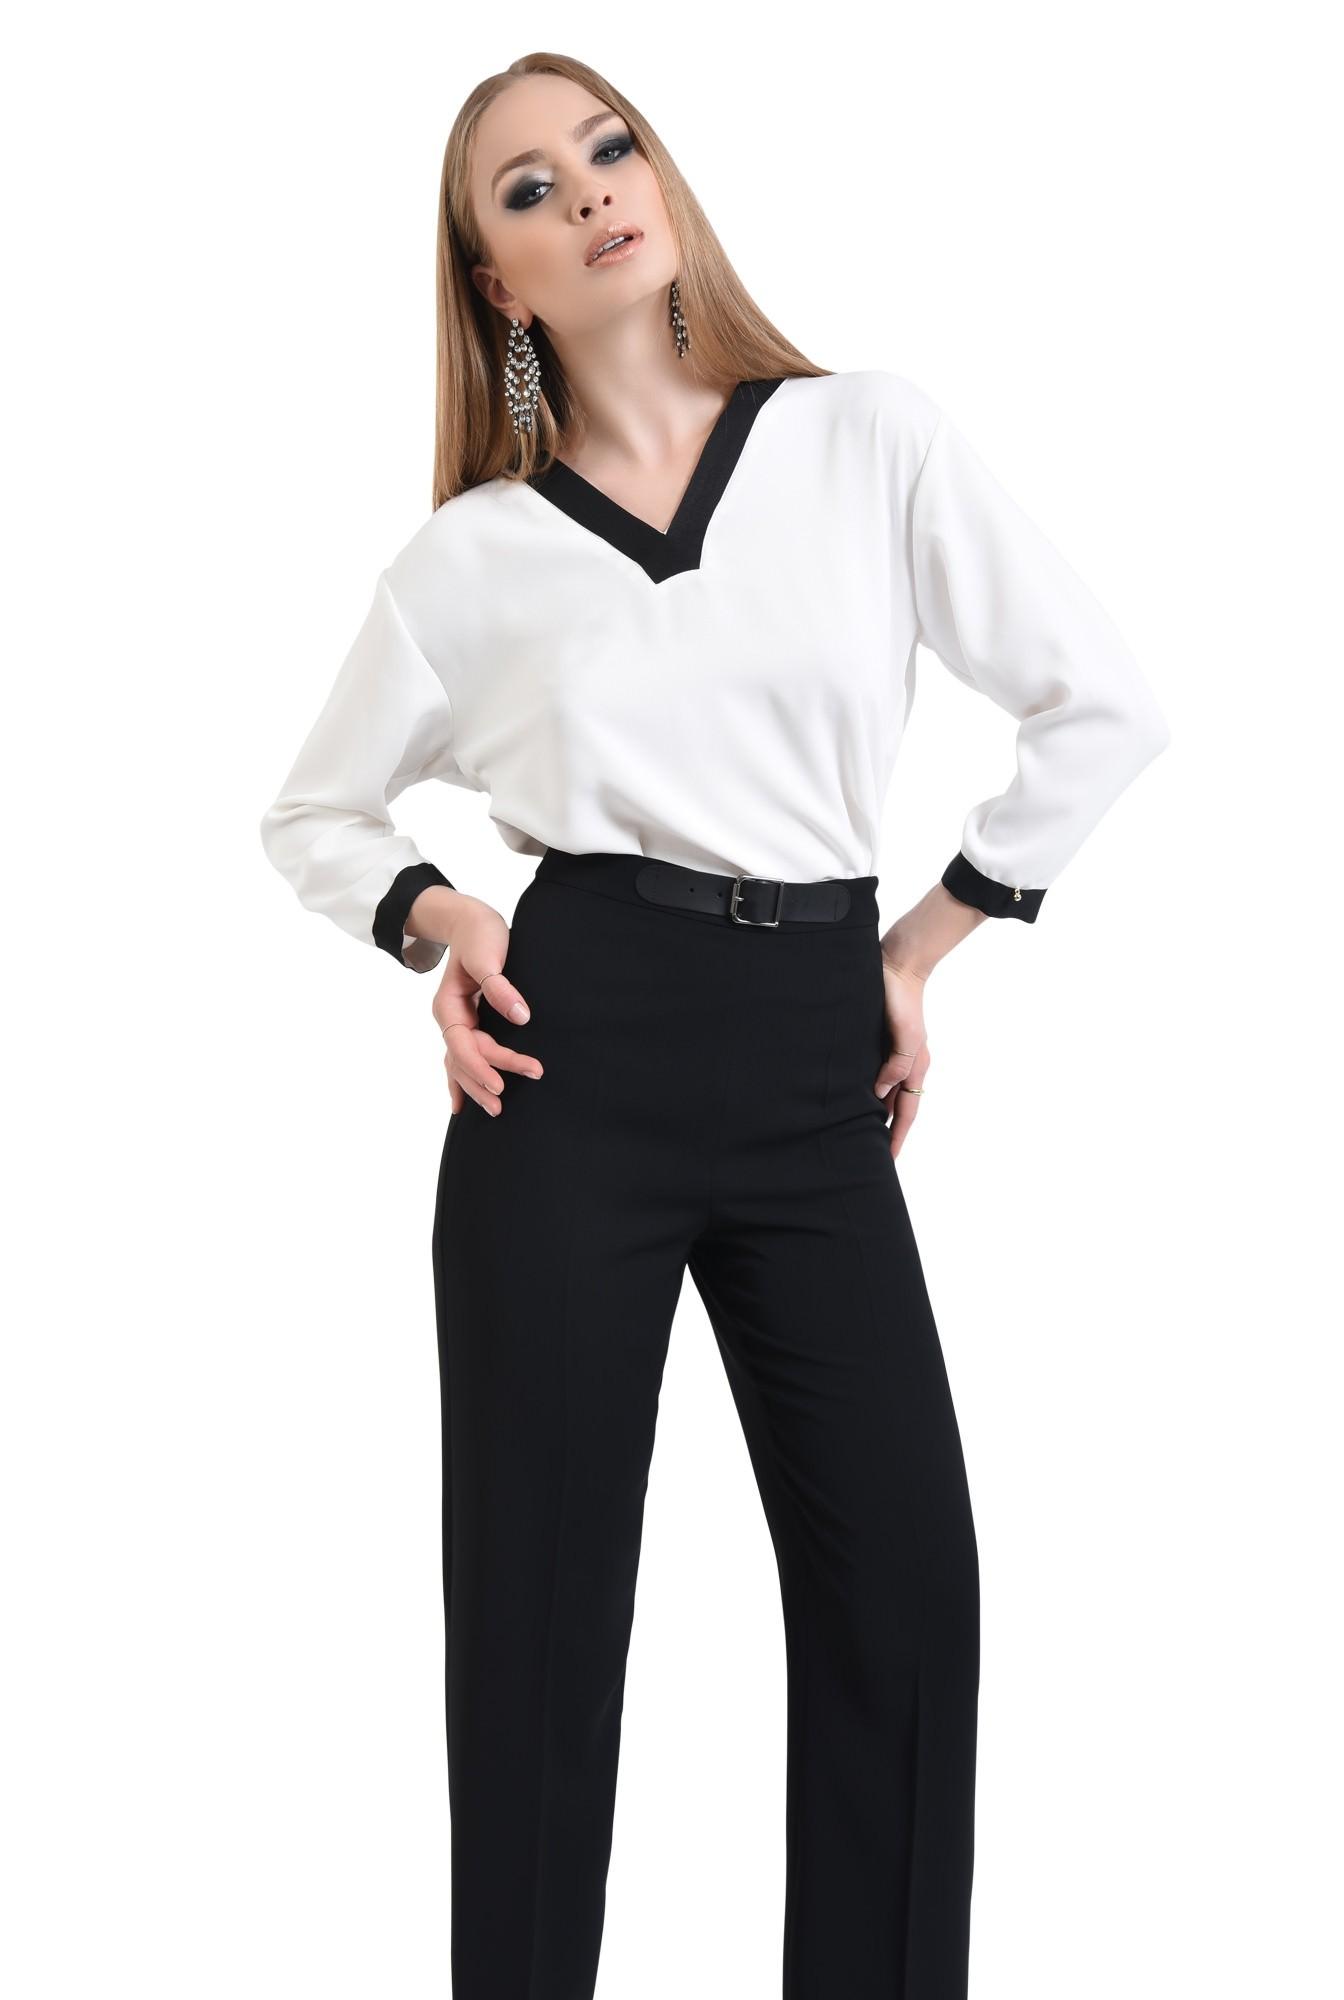 0 - Pantaloni eleganti, negri